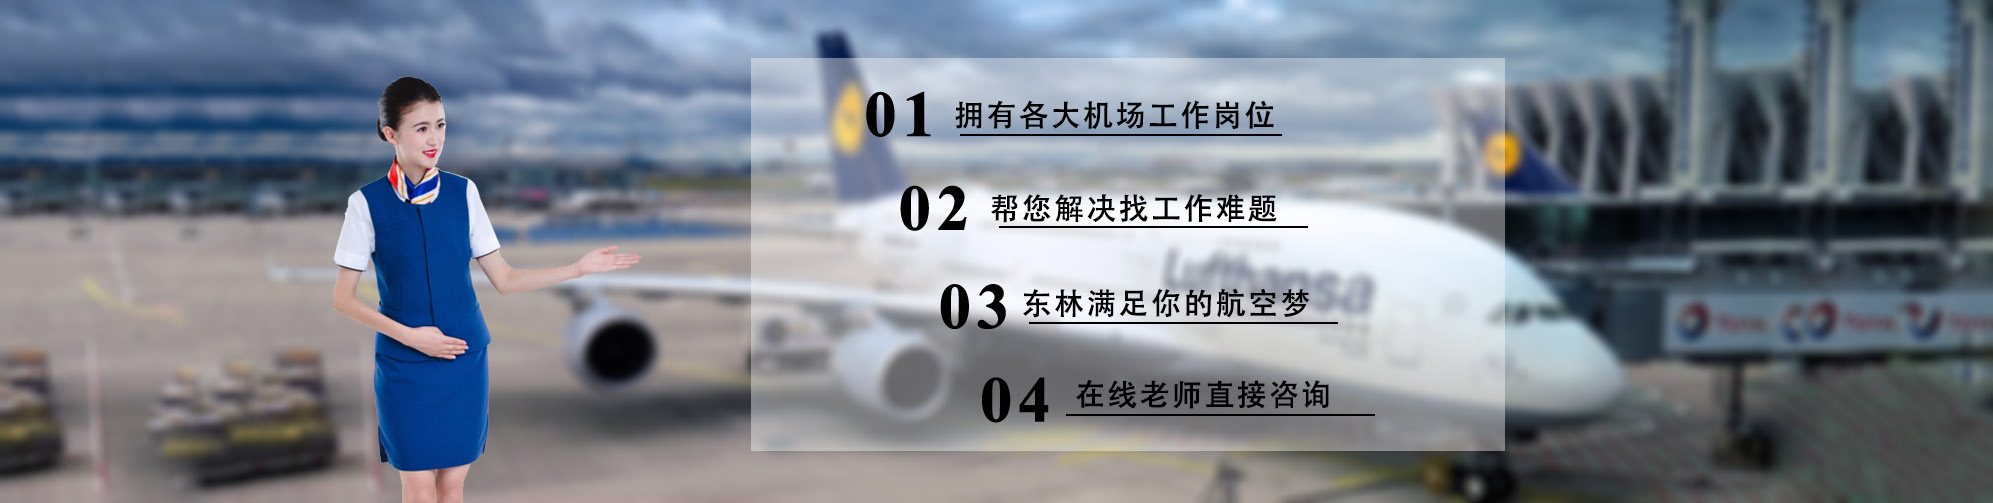 北京机场招聘